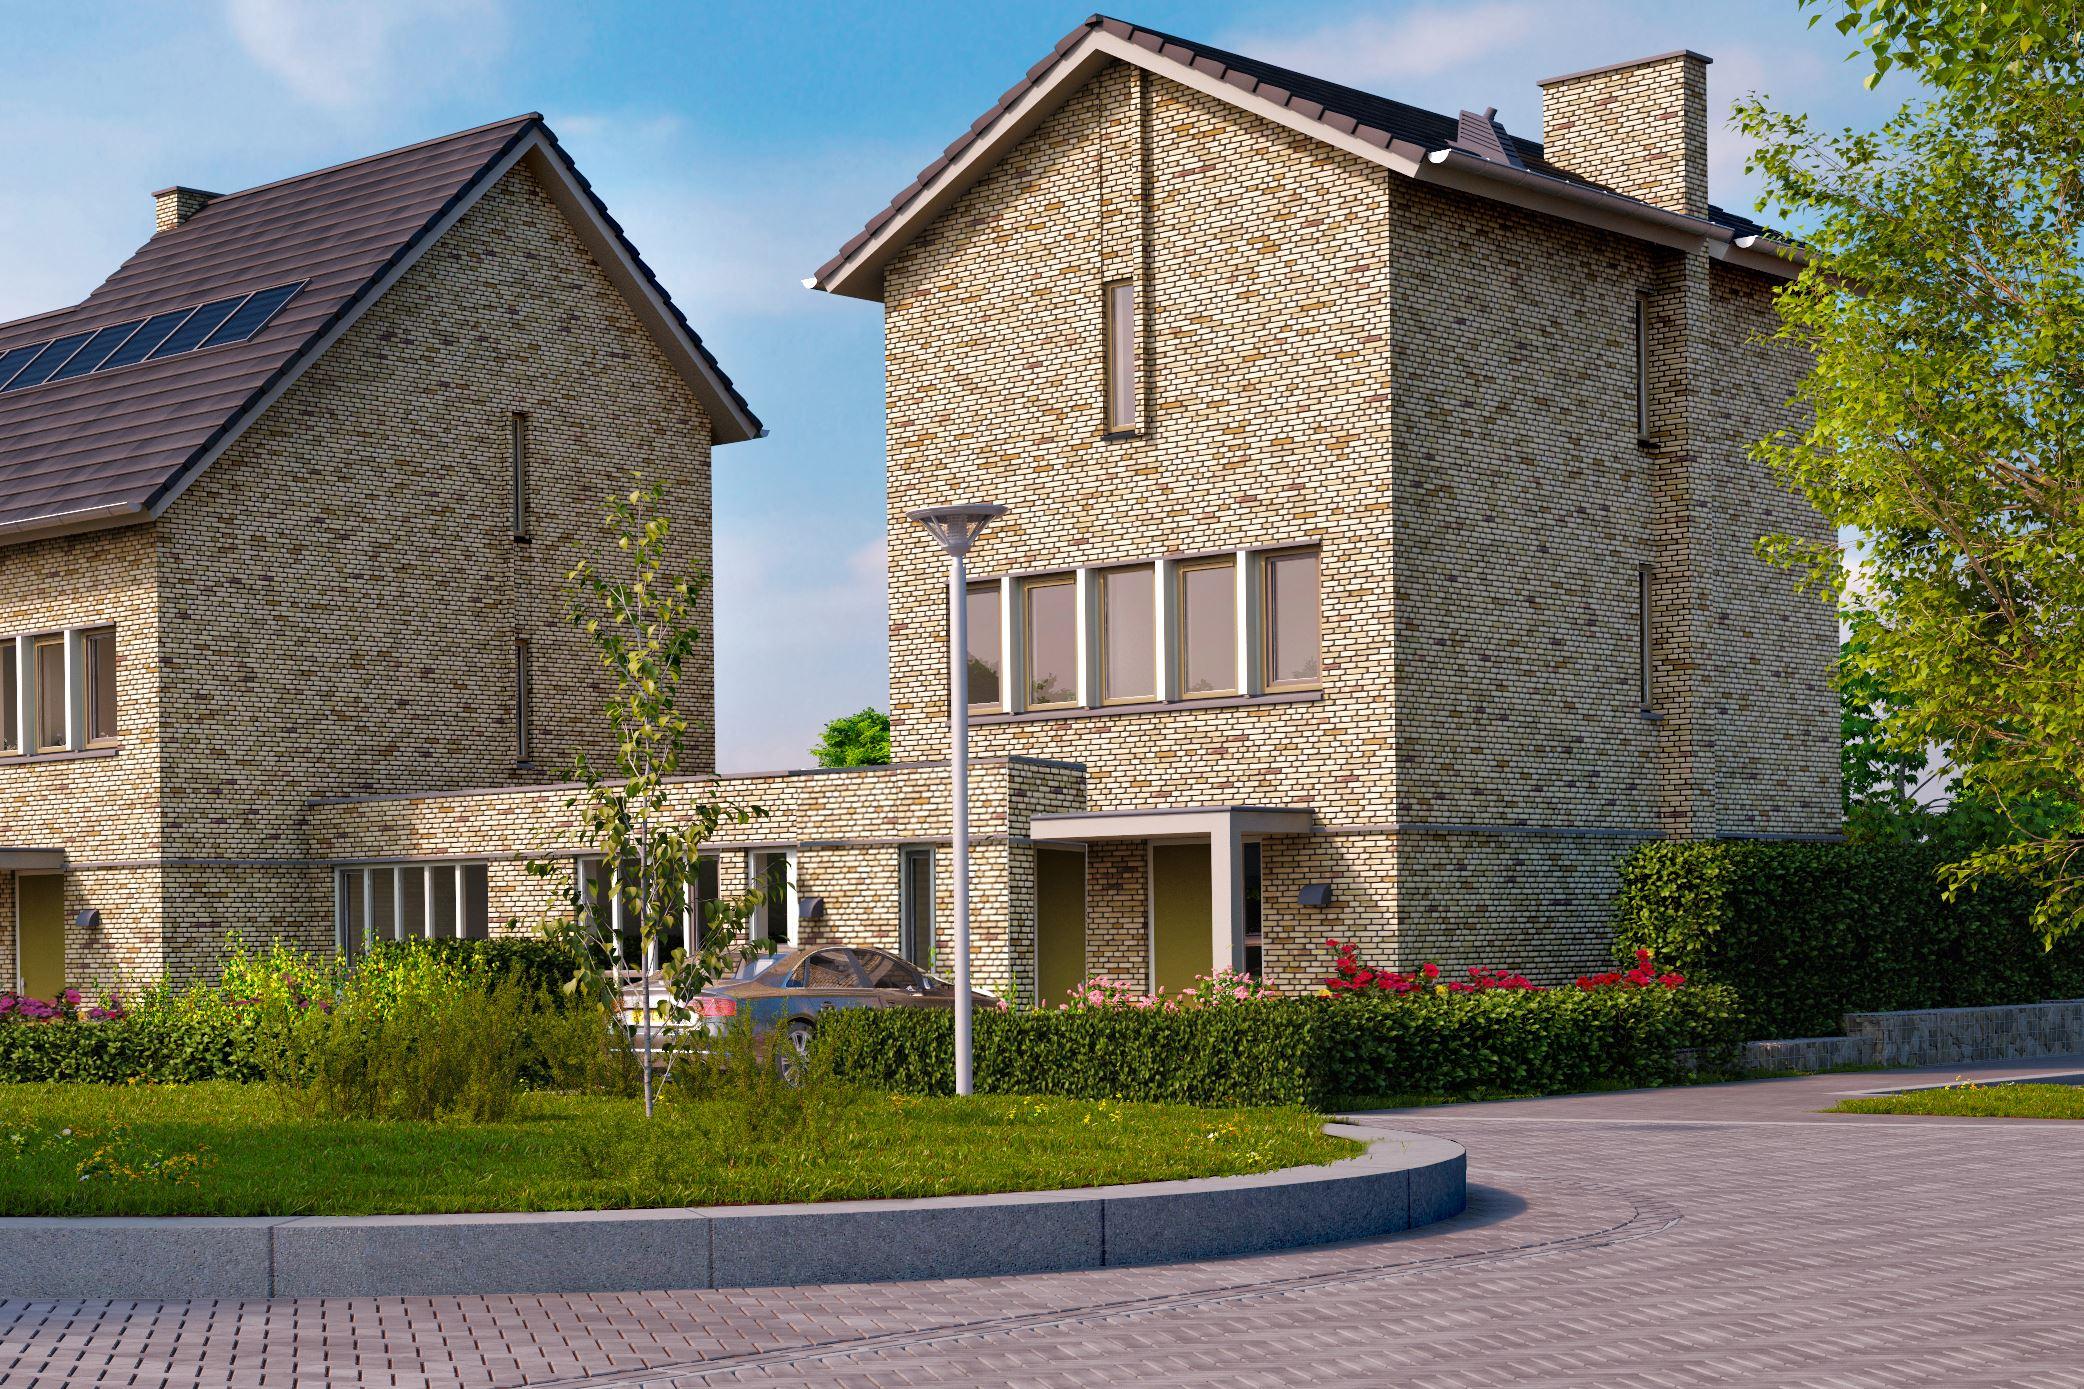 Huis te koop bouwnummer 10 type vitex 4906 kd for Mijn funda